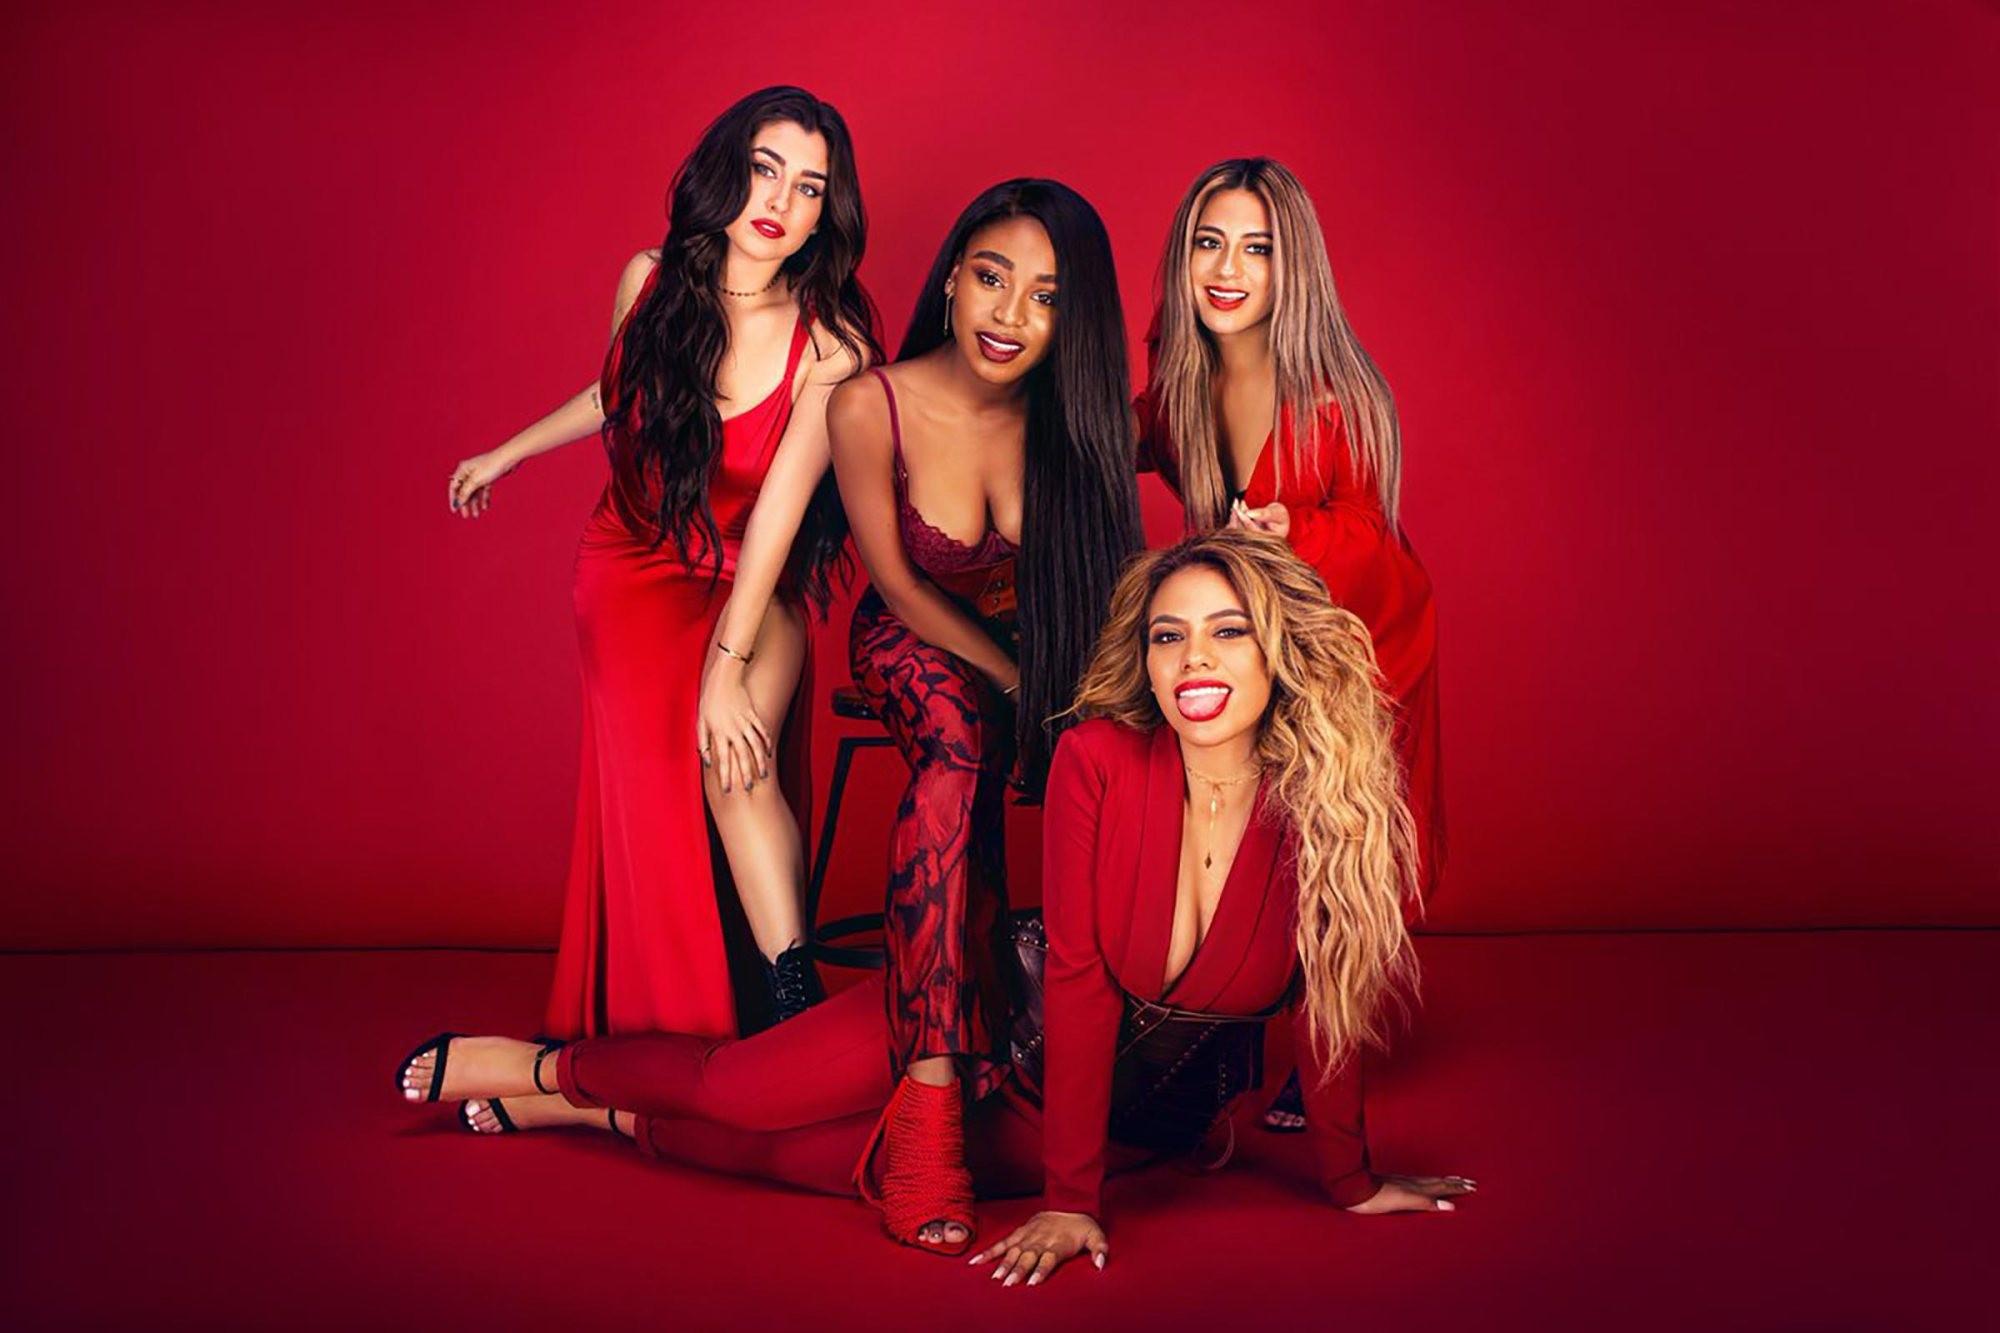 Fifth Harmony, sem Camila Cabello, pode mudar de nome para 'Forth Harmony' ou 'Harmony' (Foto: Divulgao)